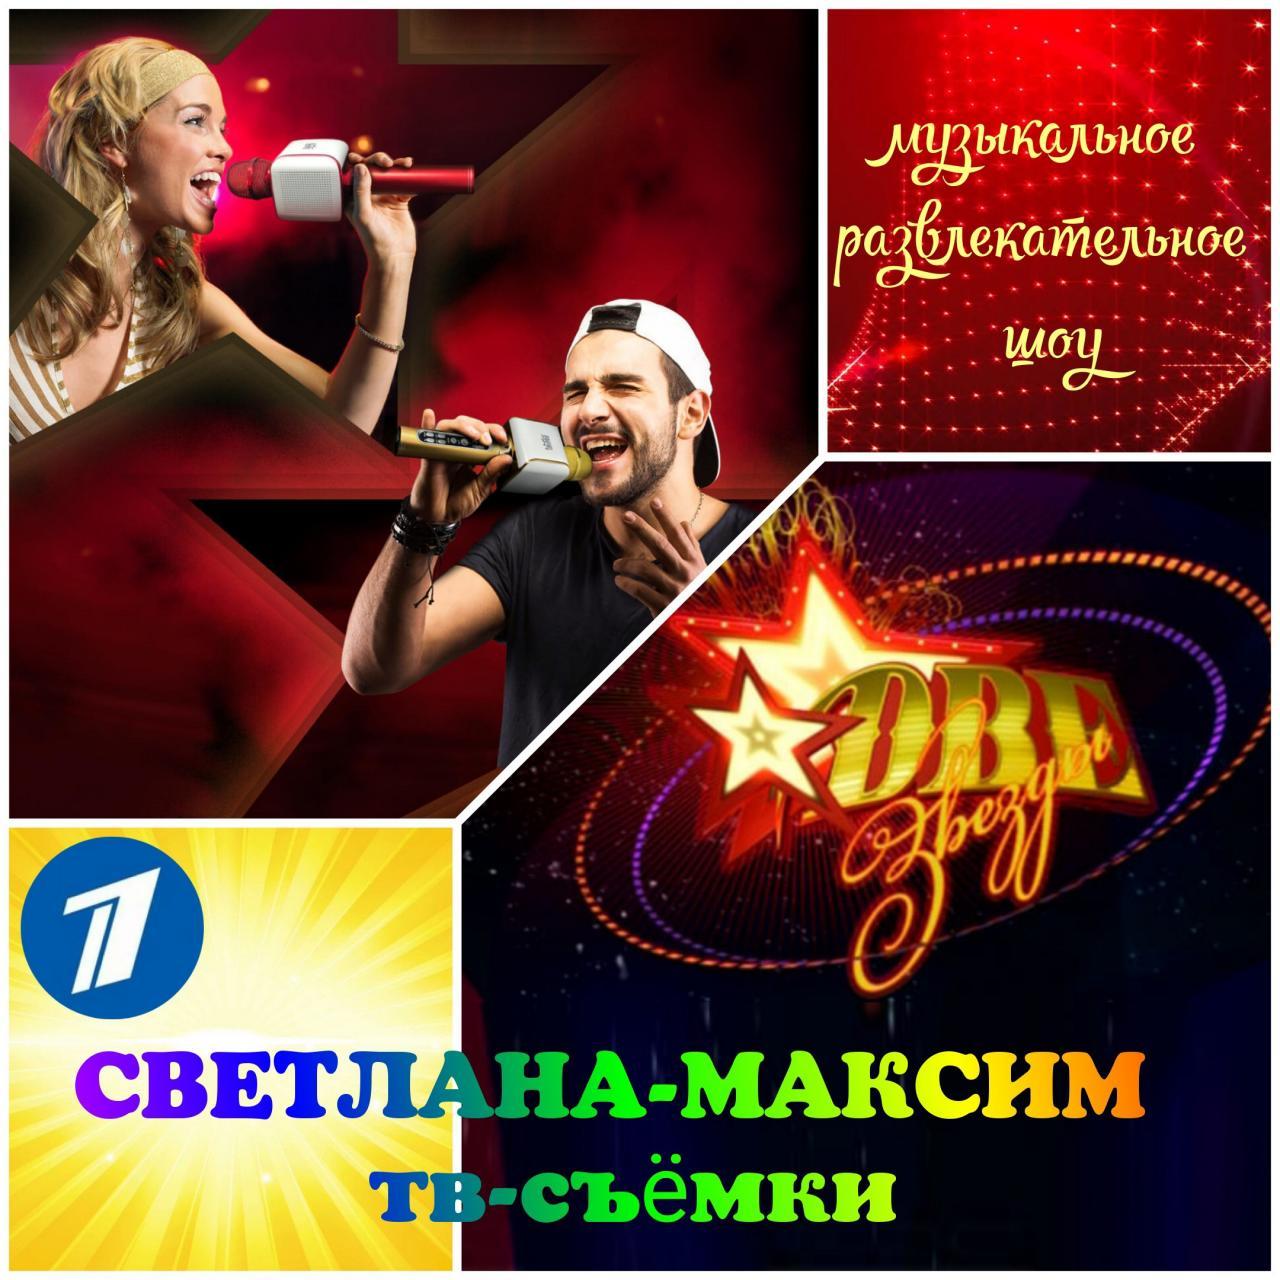 """27, 28, 29 октября музыкальное шоу """"ДВЕ ЗВЕЗДЫ""""."""